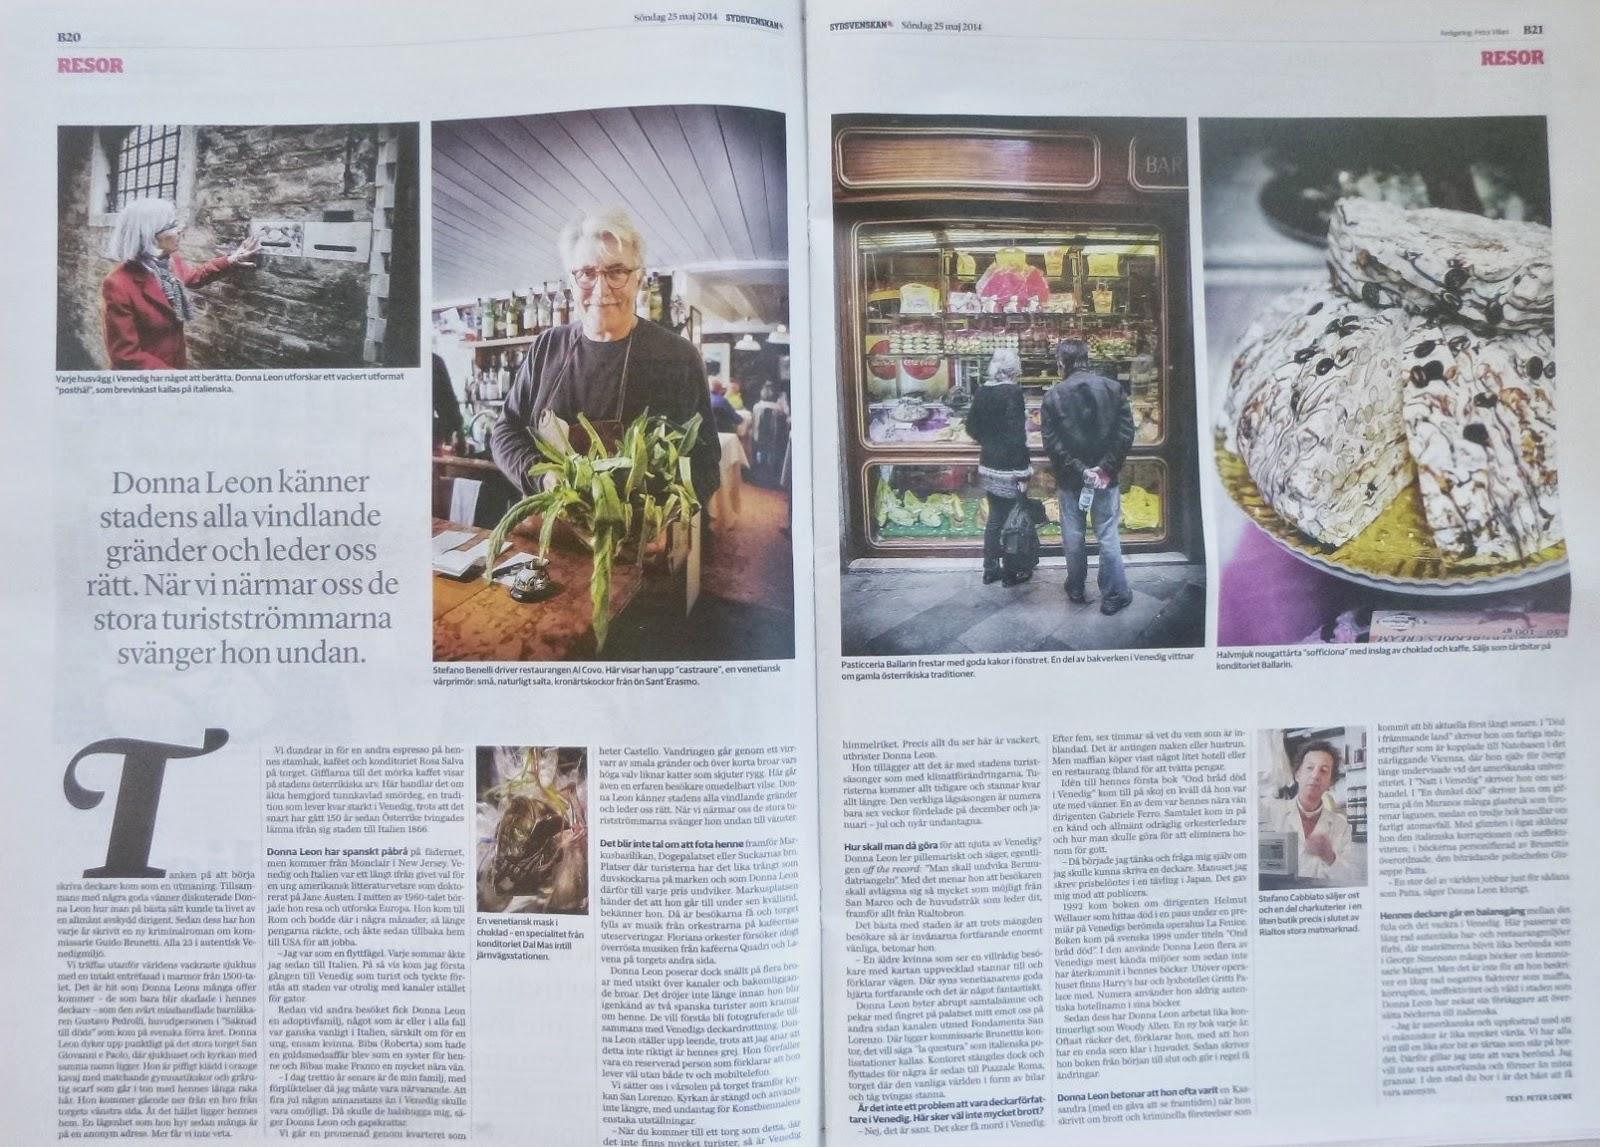 edfc18369ca2 Sydsvenskan har i dag en tung profil, främst i de tjocka editionerna  Näringsliv och Kultur/Nöjen varje lördag-söndag. Stereotypt mallade sidor:  på övre ...